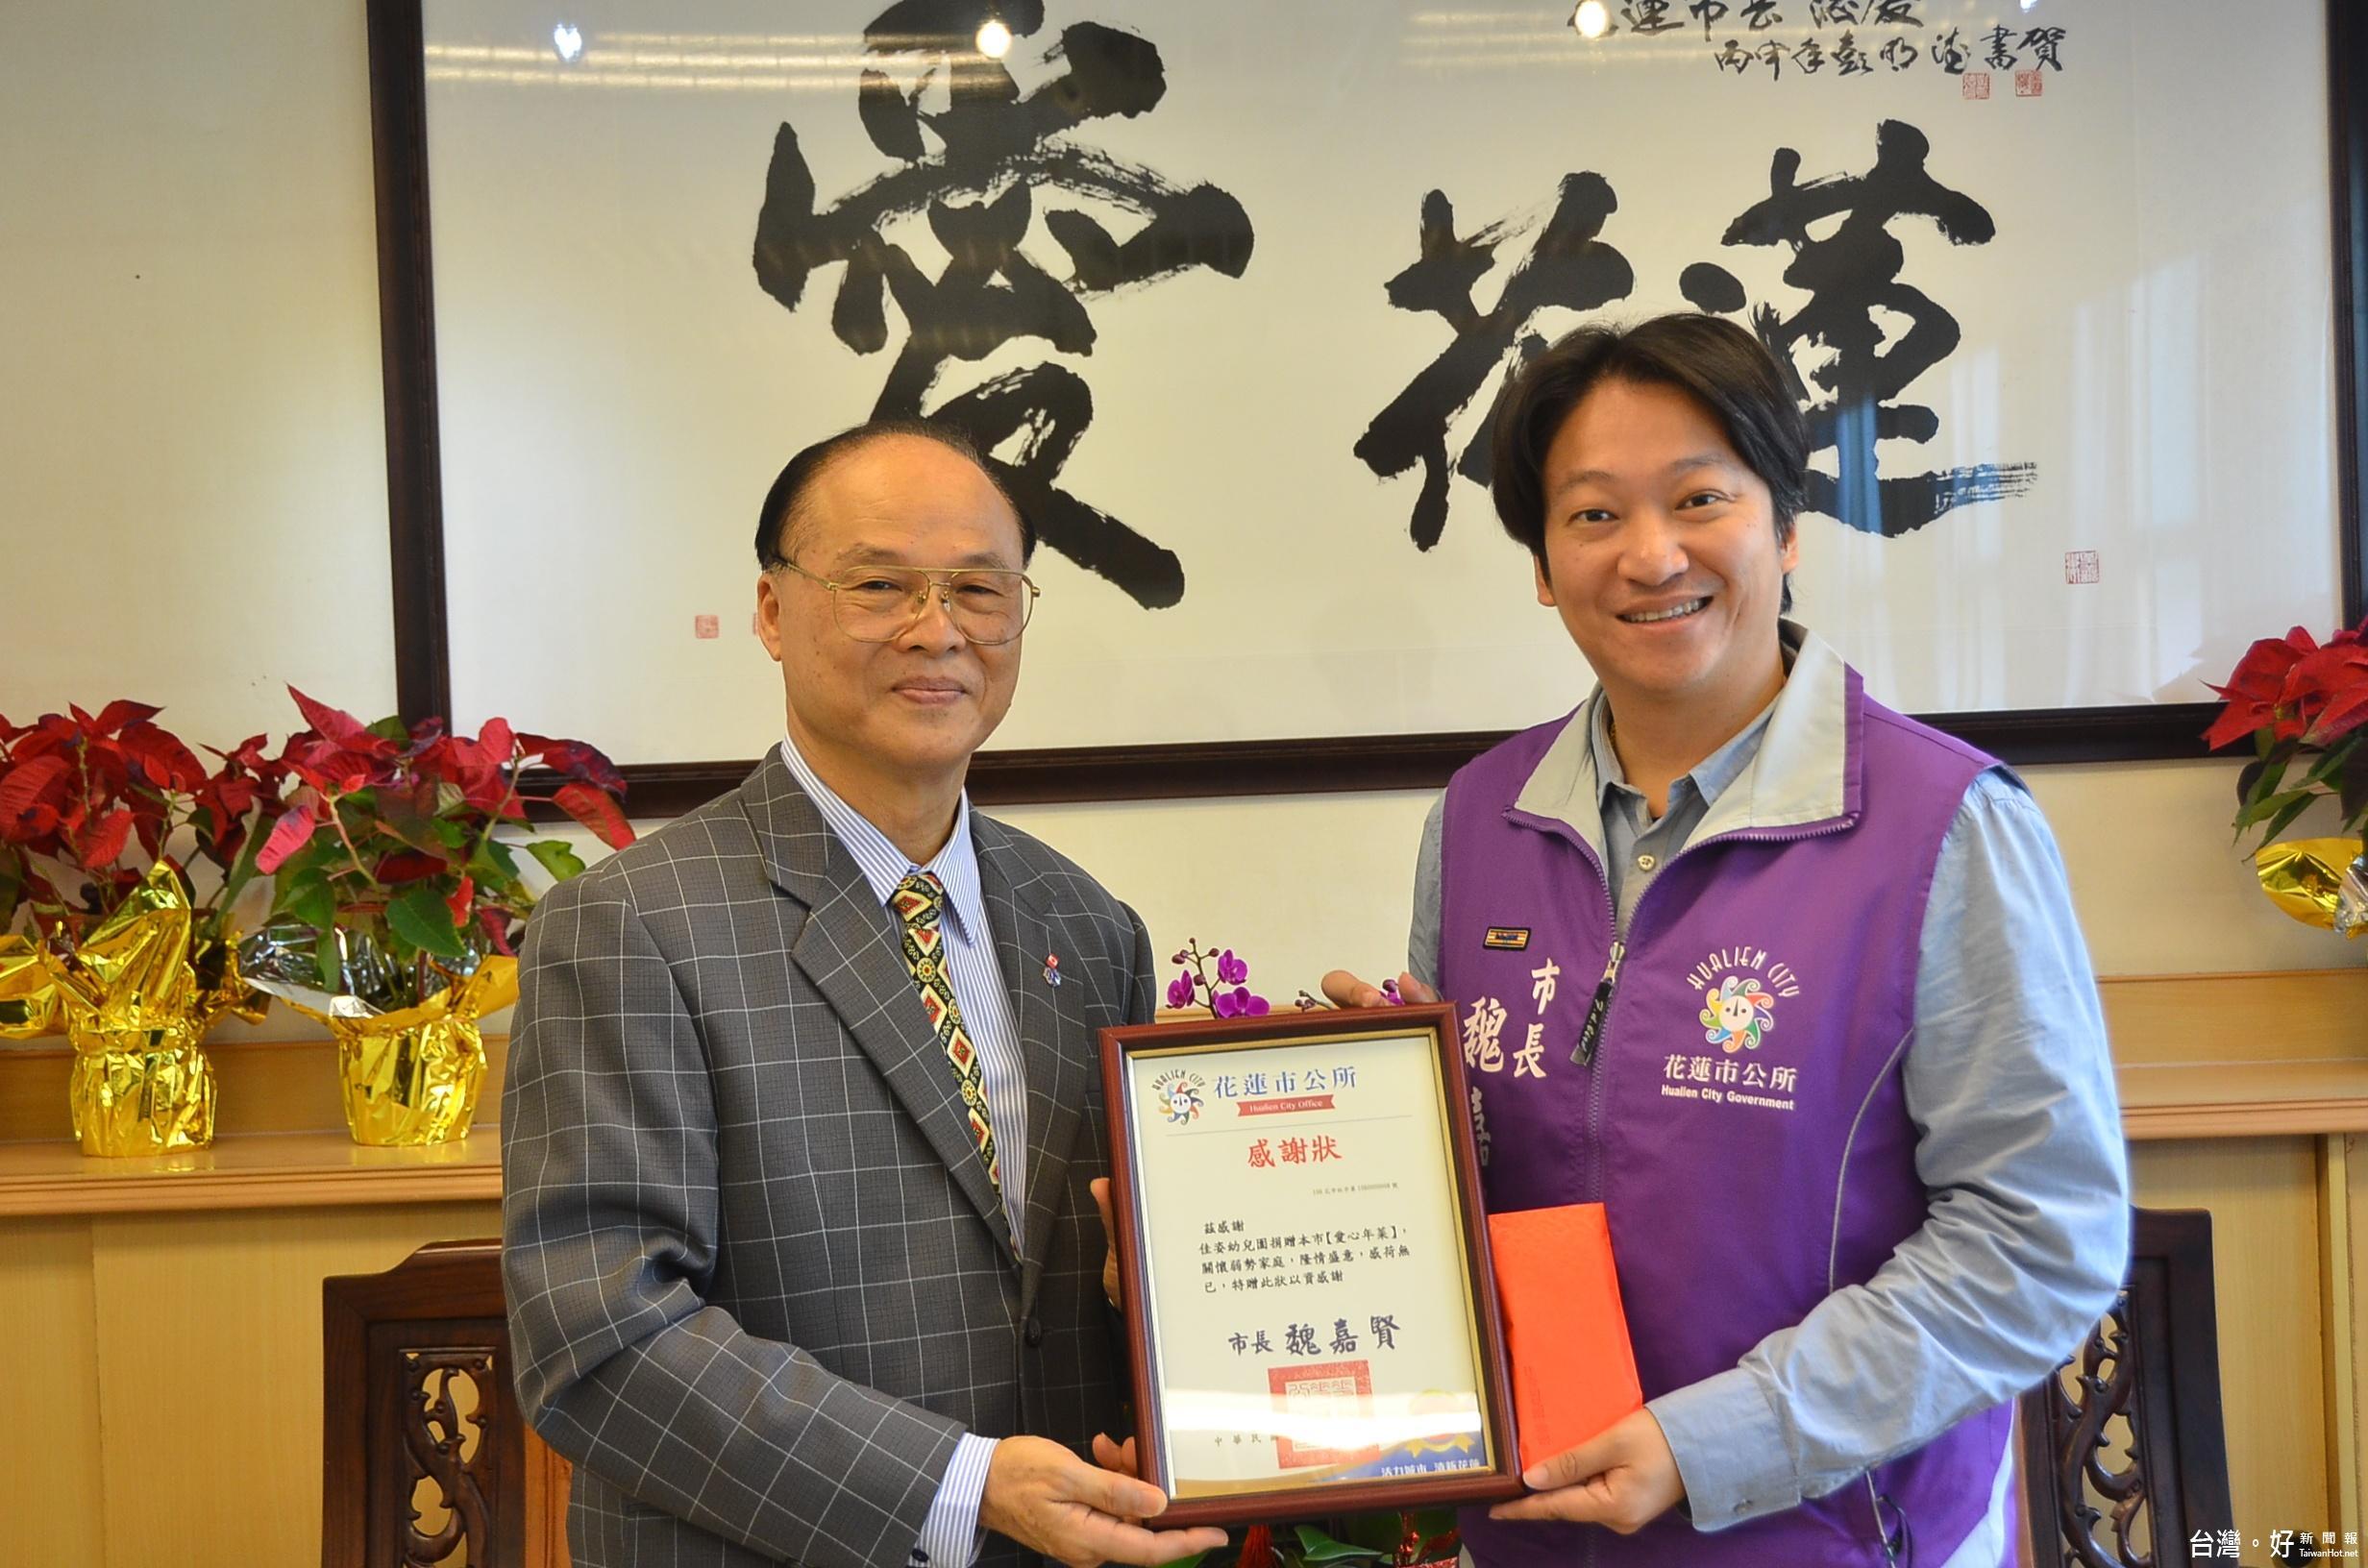 花蓮市舉辦年菜送弱勢活動 多個企業捐款響應獻愛心